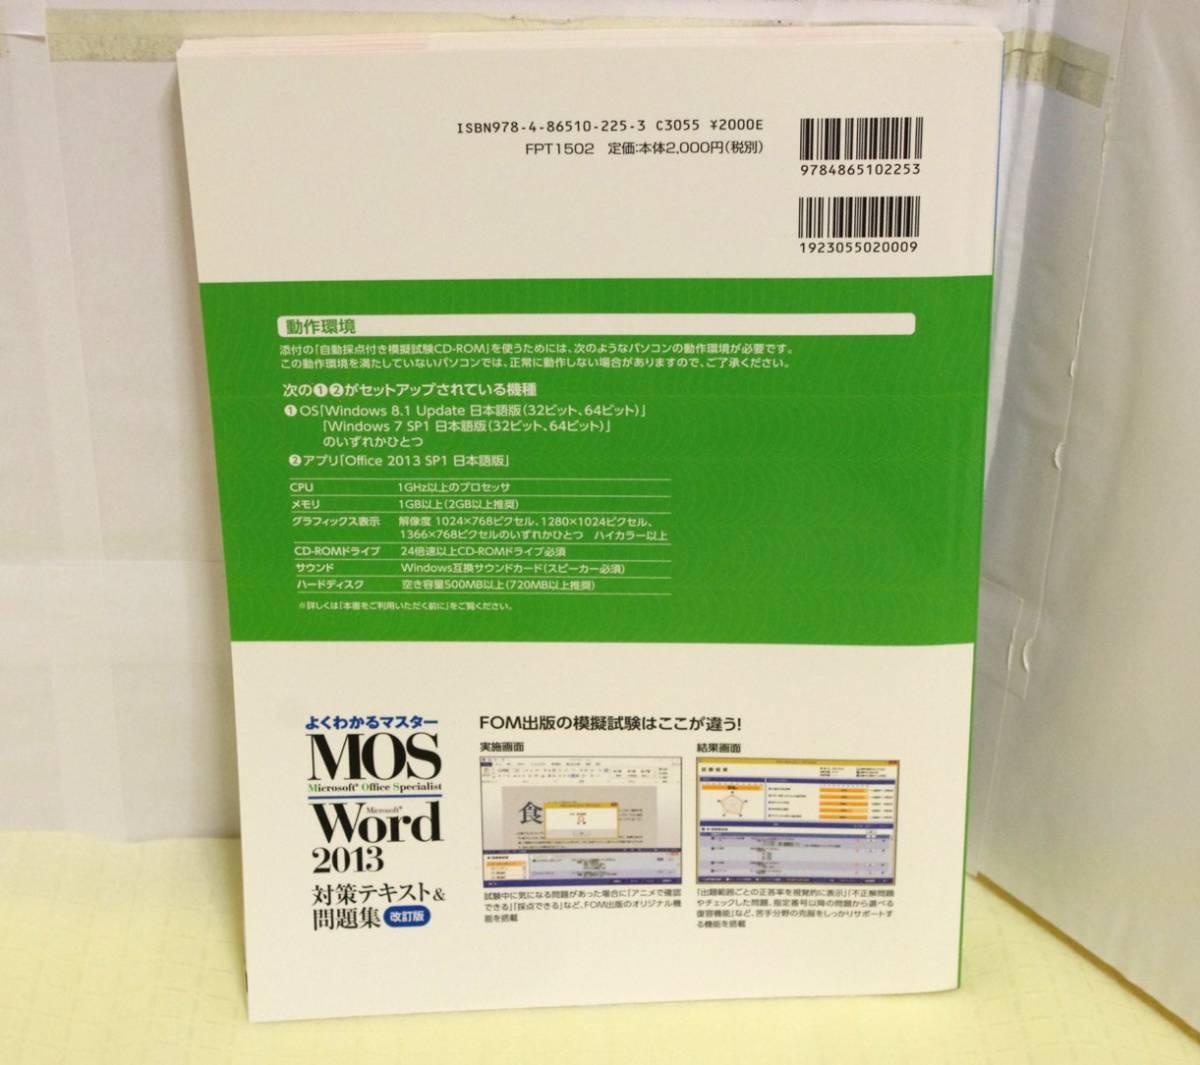 よくわかるマスターMOS ワード Word 2013 ・模擬試験CD-ROM付き・FOM出版_画像2